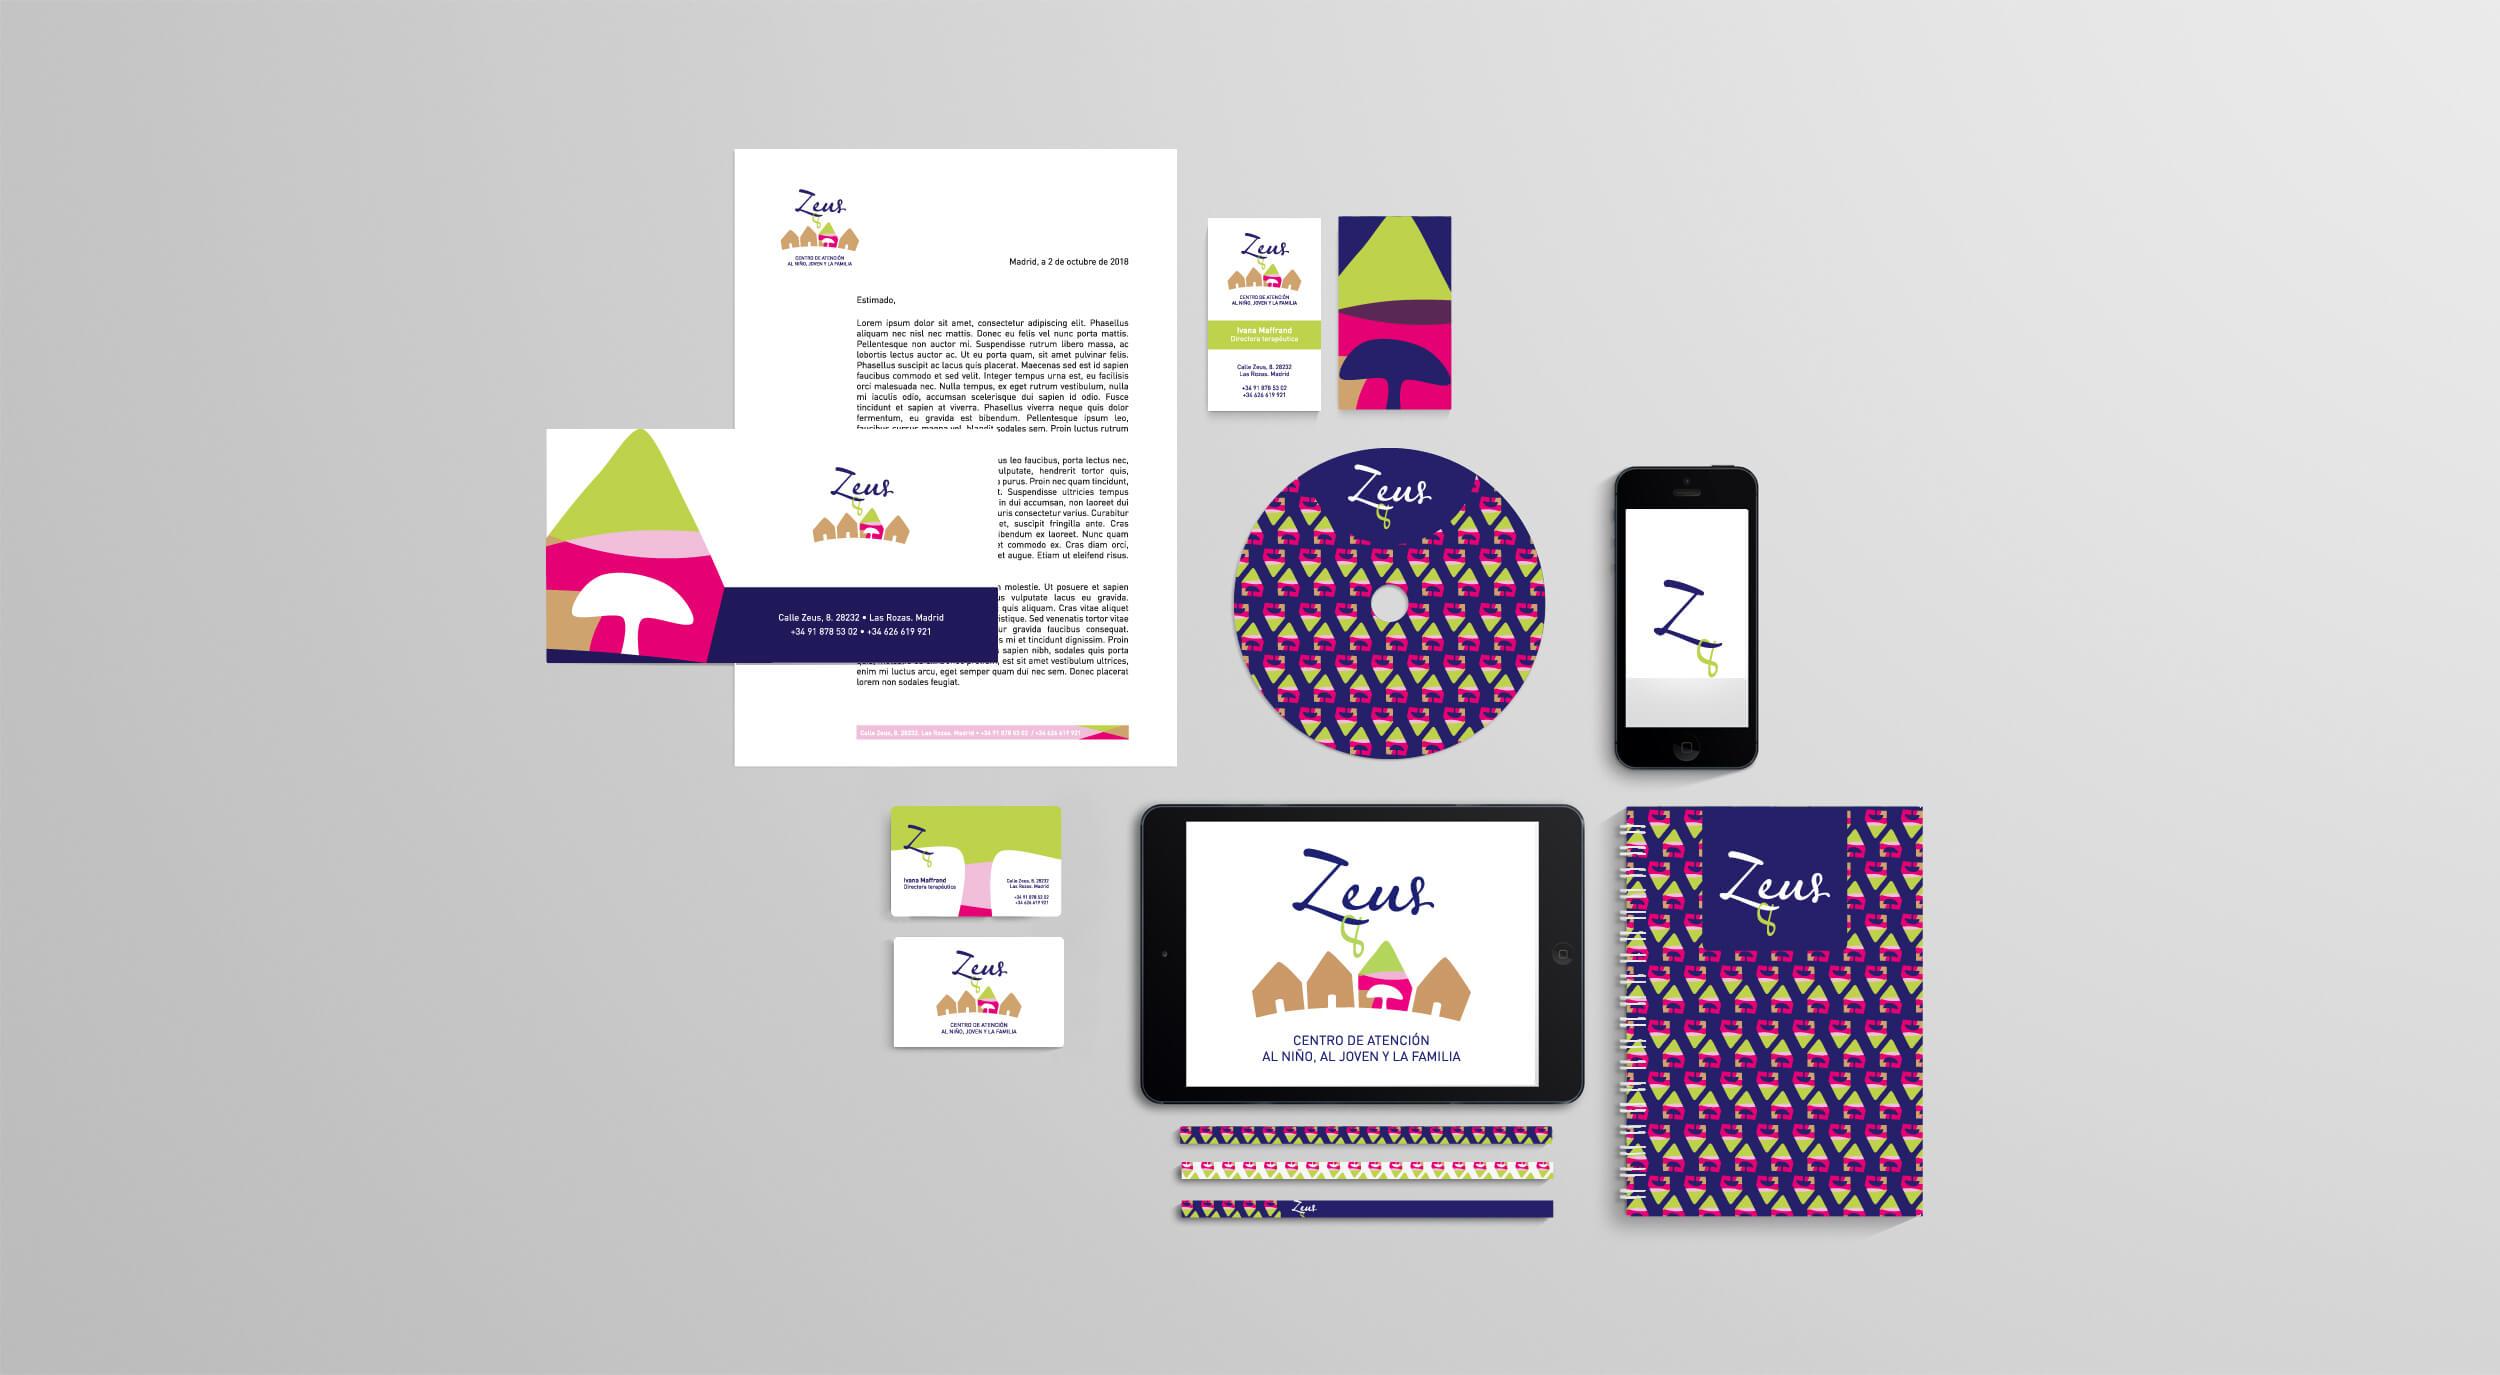 zeus8-brand-identity